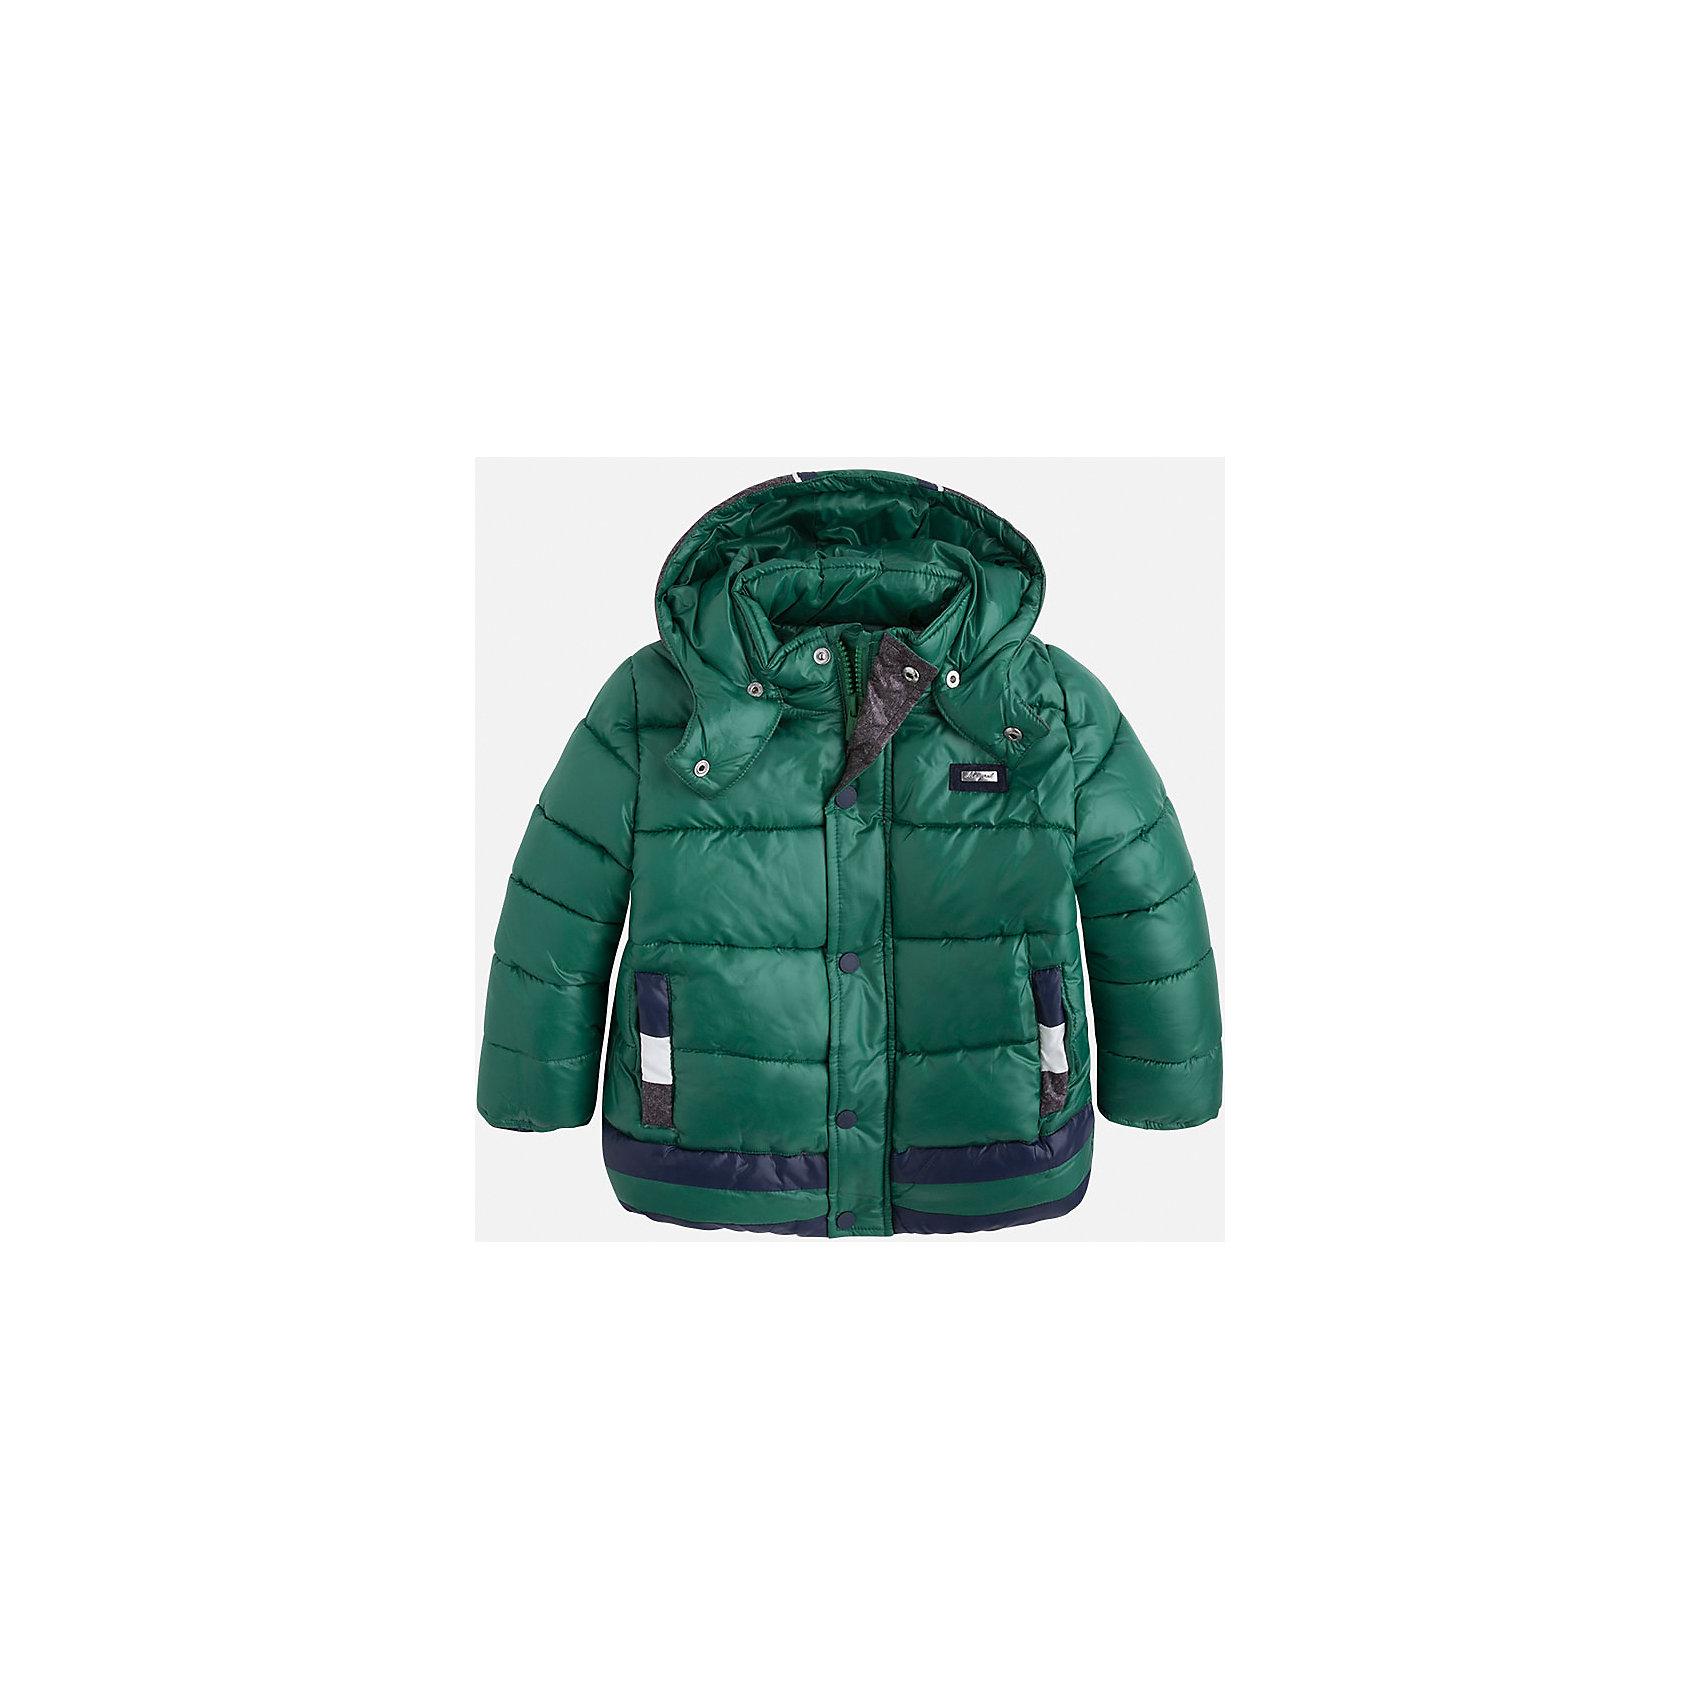 Куртка для мальчика MayoralДемисезонные куртки<br>Стильная, теплая осенняя куртка для юного джентльмена!<br>Порадуйте своего ребенка хорошим подарком!<br><br>Дополнительная информация:<br><br>- Крой: прямой крой, удлиненная модель.<br>- Страна бренда: Испания.<br>- Состав: <br>Верхняя ткань: полиэстер 100%.<br>Подкладка: полиэстер 100%.<br>Наполнитель: полиэстер 100%.<br>- Цвет: зеленый.<br>- Уход: бережная стирка при 30 градусах.<br><br>Купить куртку для мальчика Mayoral можно в нашем магазине.<br><br>Ширина мм: 356<br>Глубина мм: 10<br>Высота мм: 245<br>Вес г: 519<br>Цвет: белый<br>Возраст от месяцев: 96<br>Возраст до месяцев: 108<br>Пол: Мужской<br>Возраст: Детский<br>Размер: 128,122,116,110,104,98,134<br>SKU: 4821953